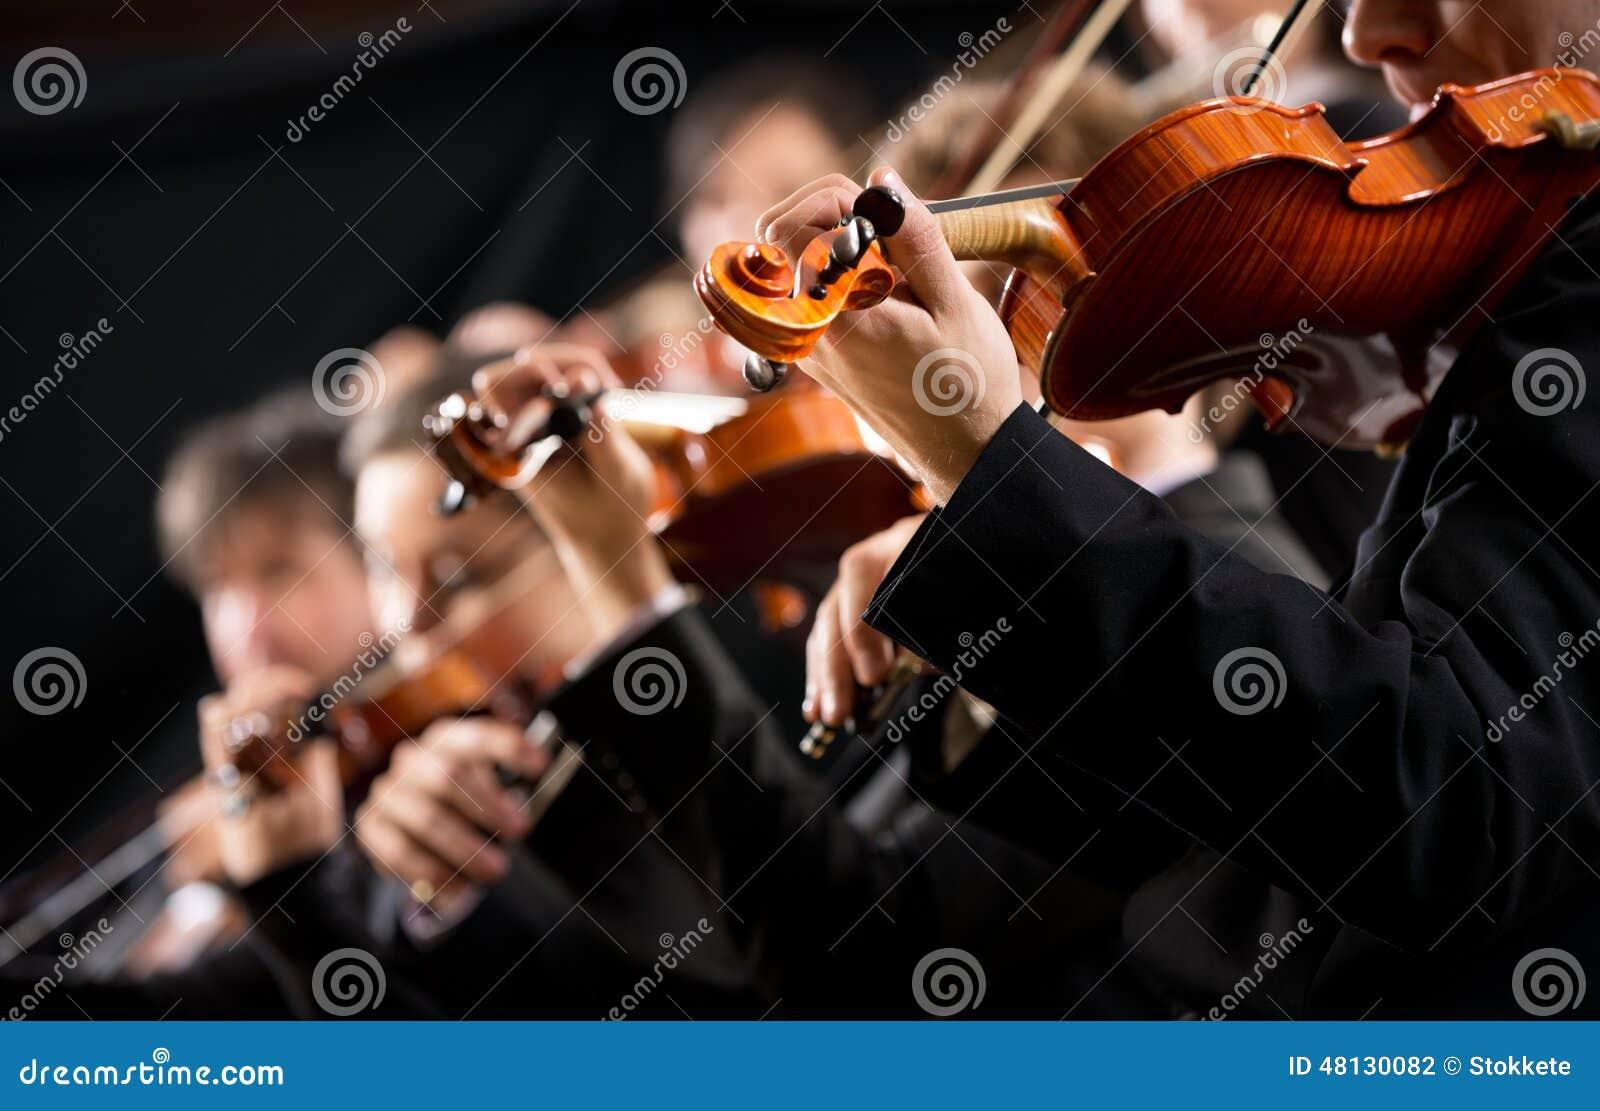 Sectie van de orkest de eerste viool